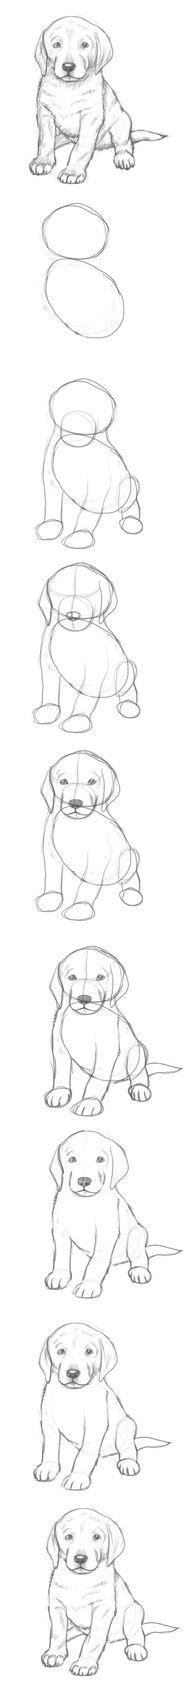 تعلم رسم كلب خطوة بخطوة